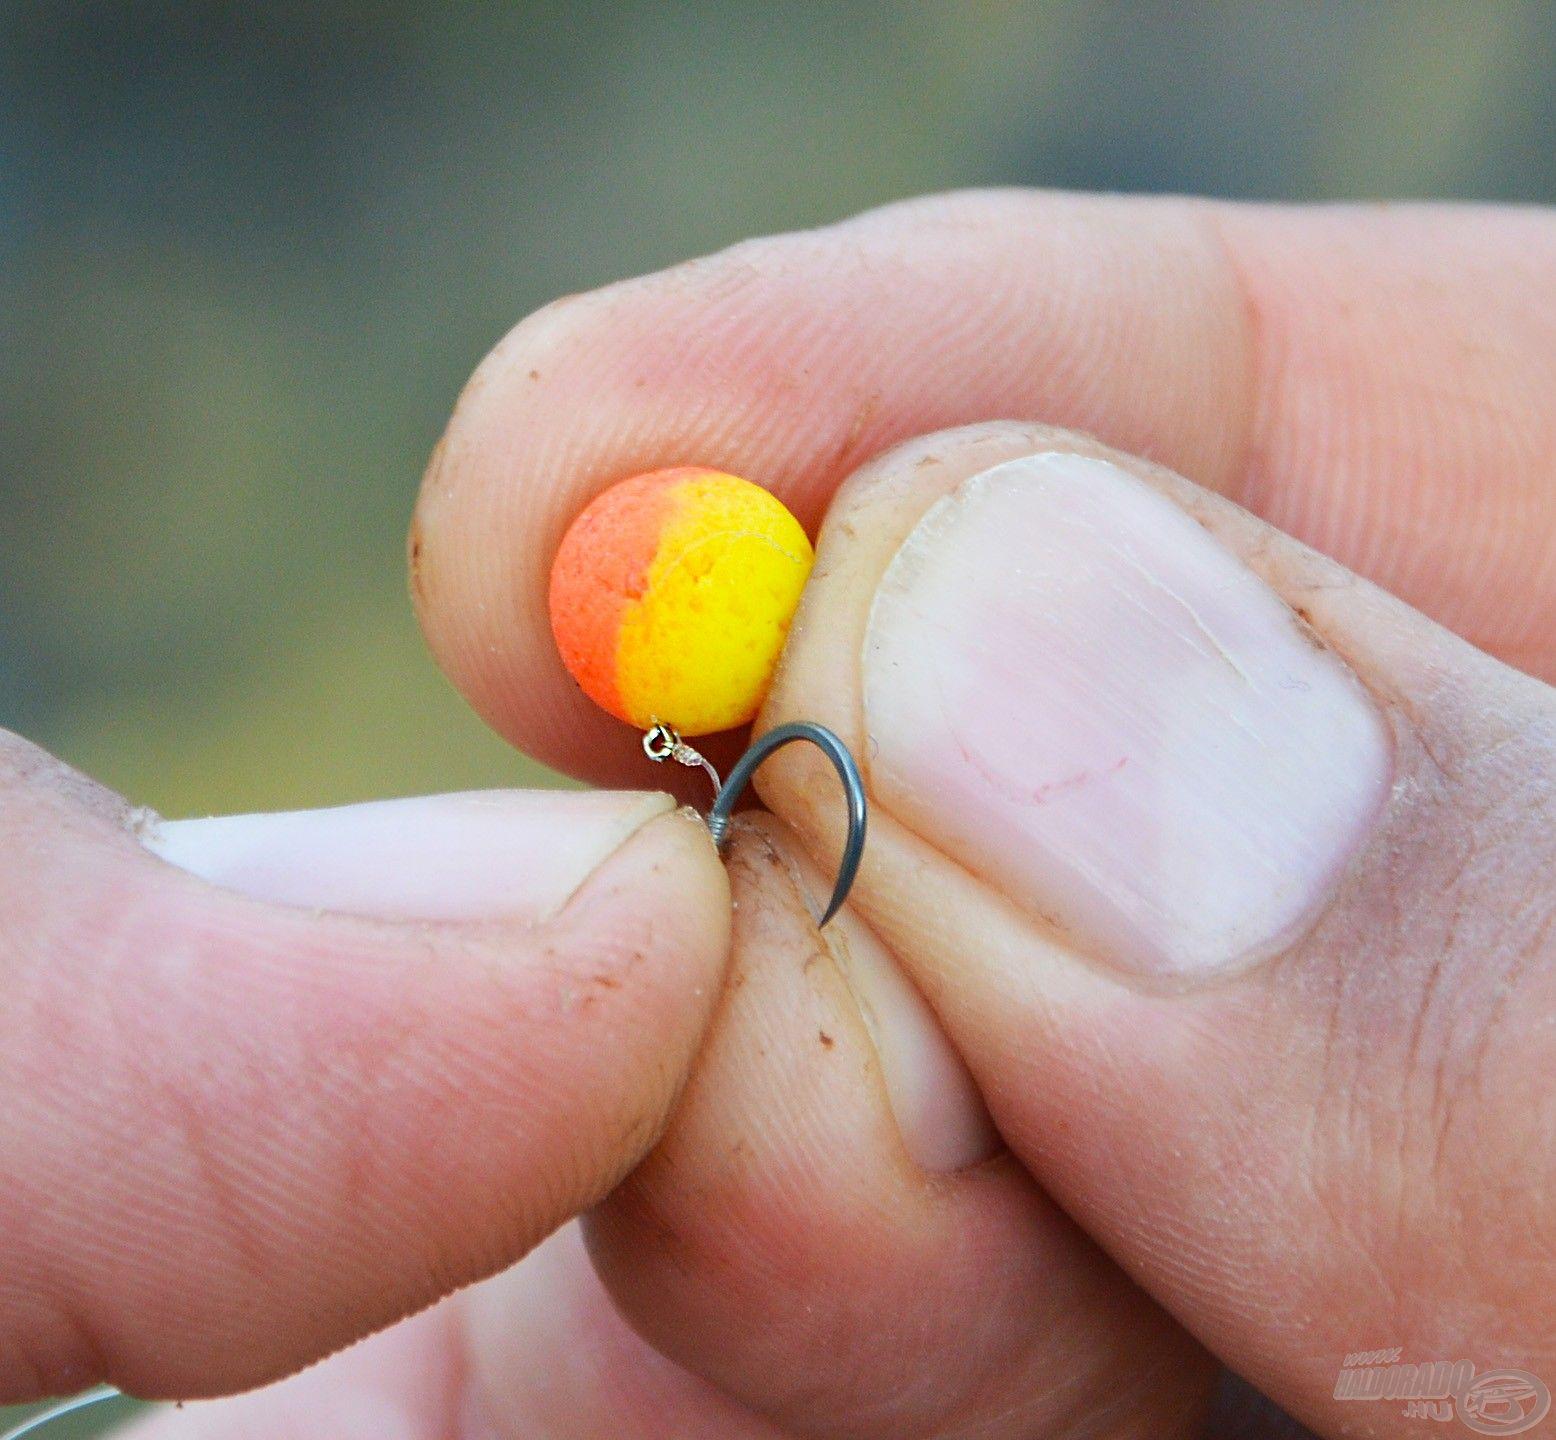 A kisebb méretű BlendeX Hydro golyócska akár a 12-es QM1 horog mellé is ideális